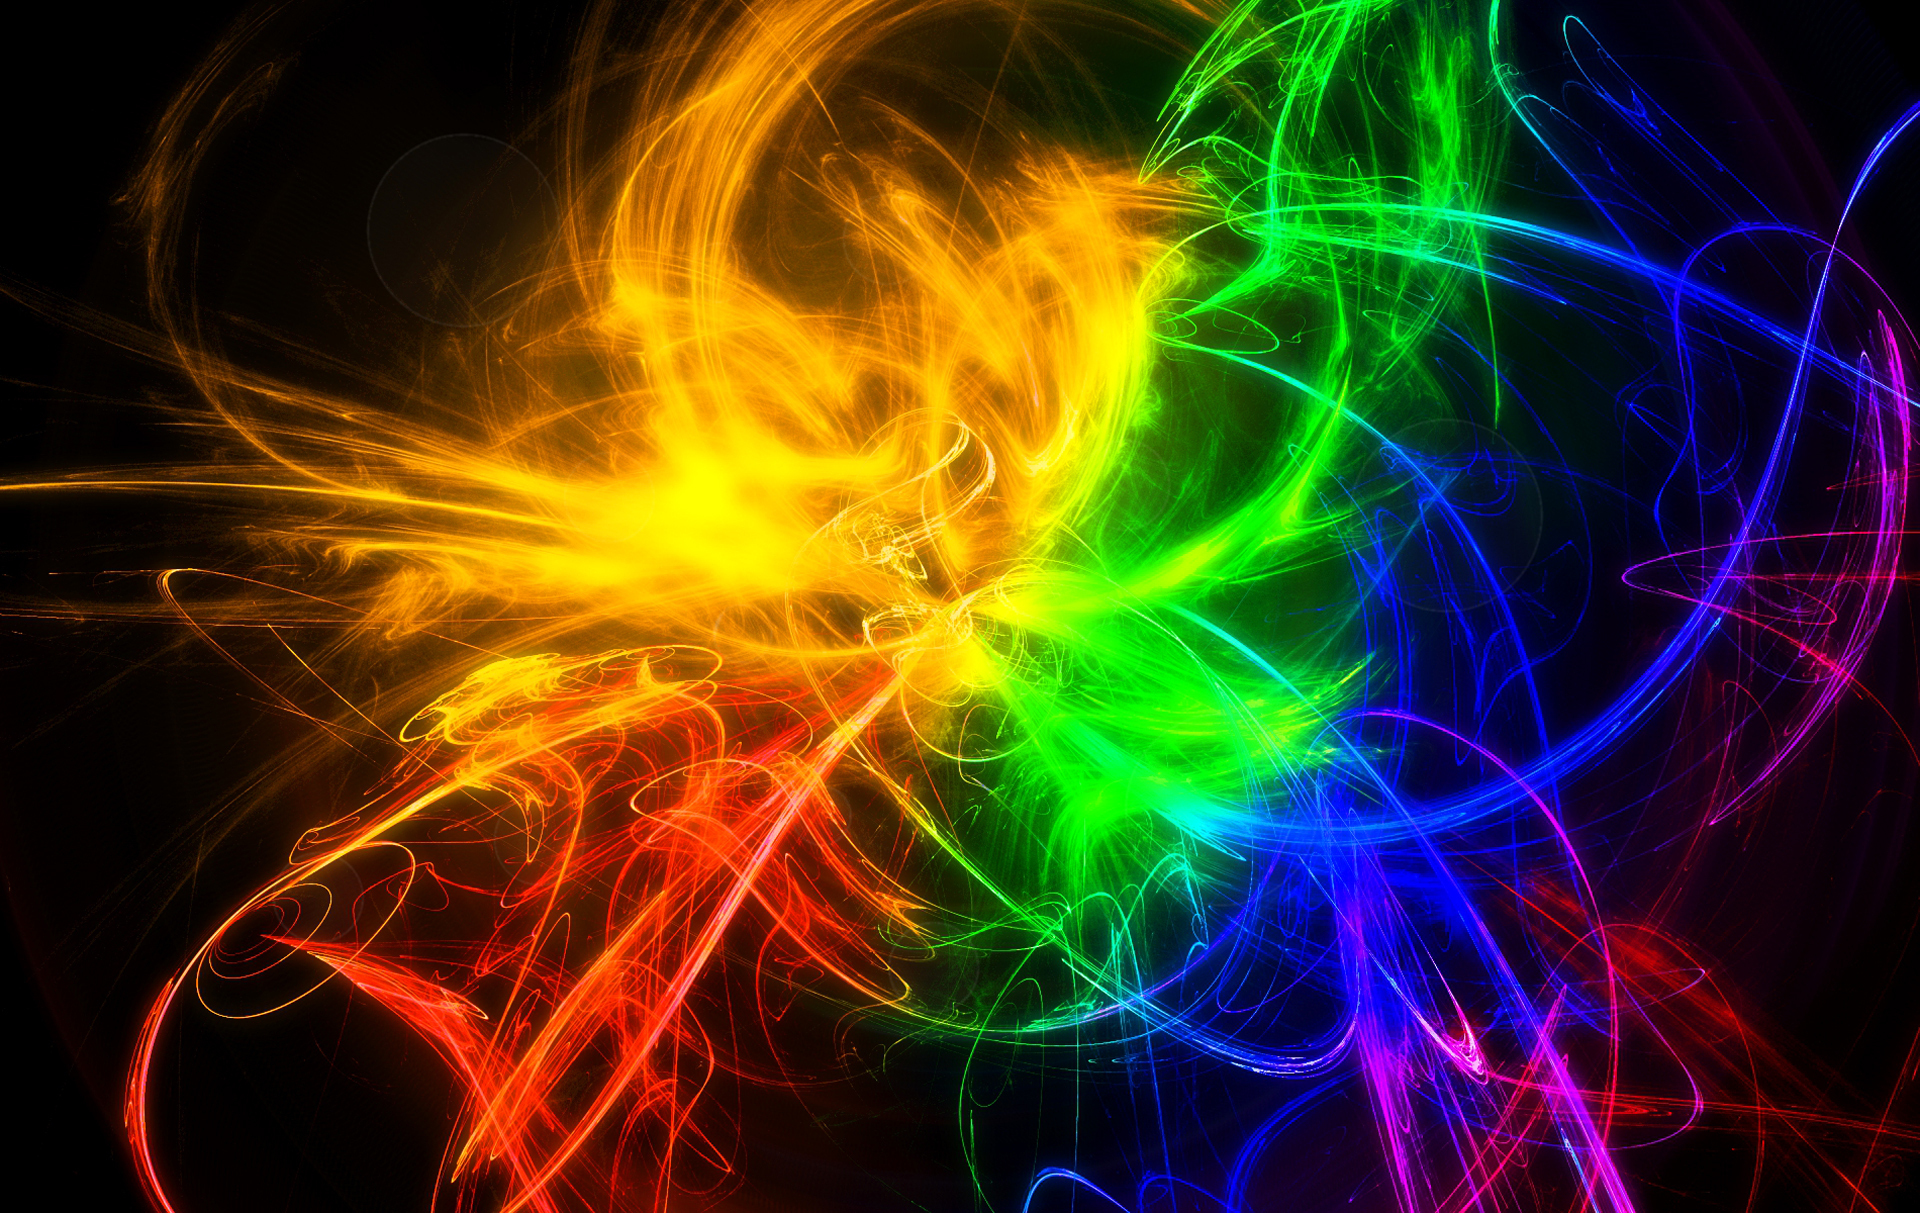 разноцветные картинки для авы некоторых